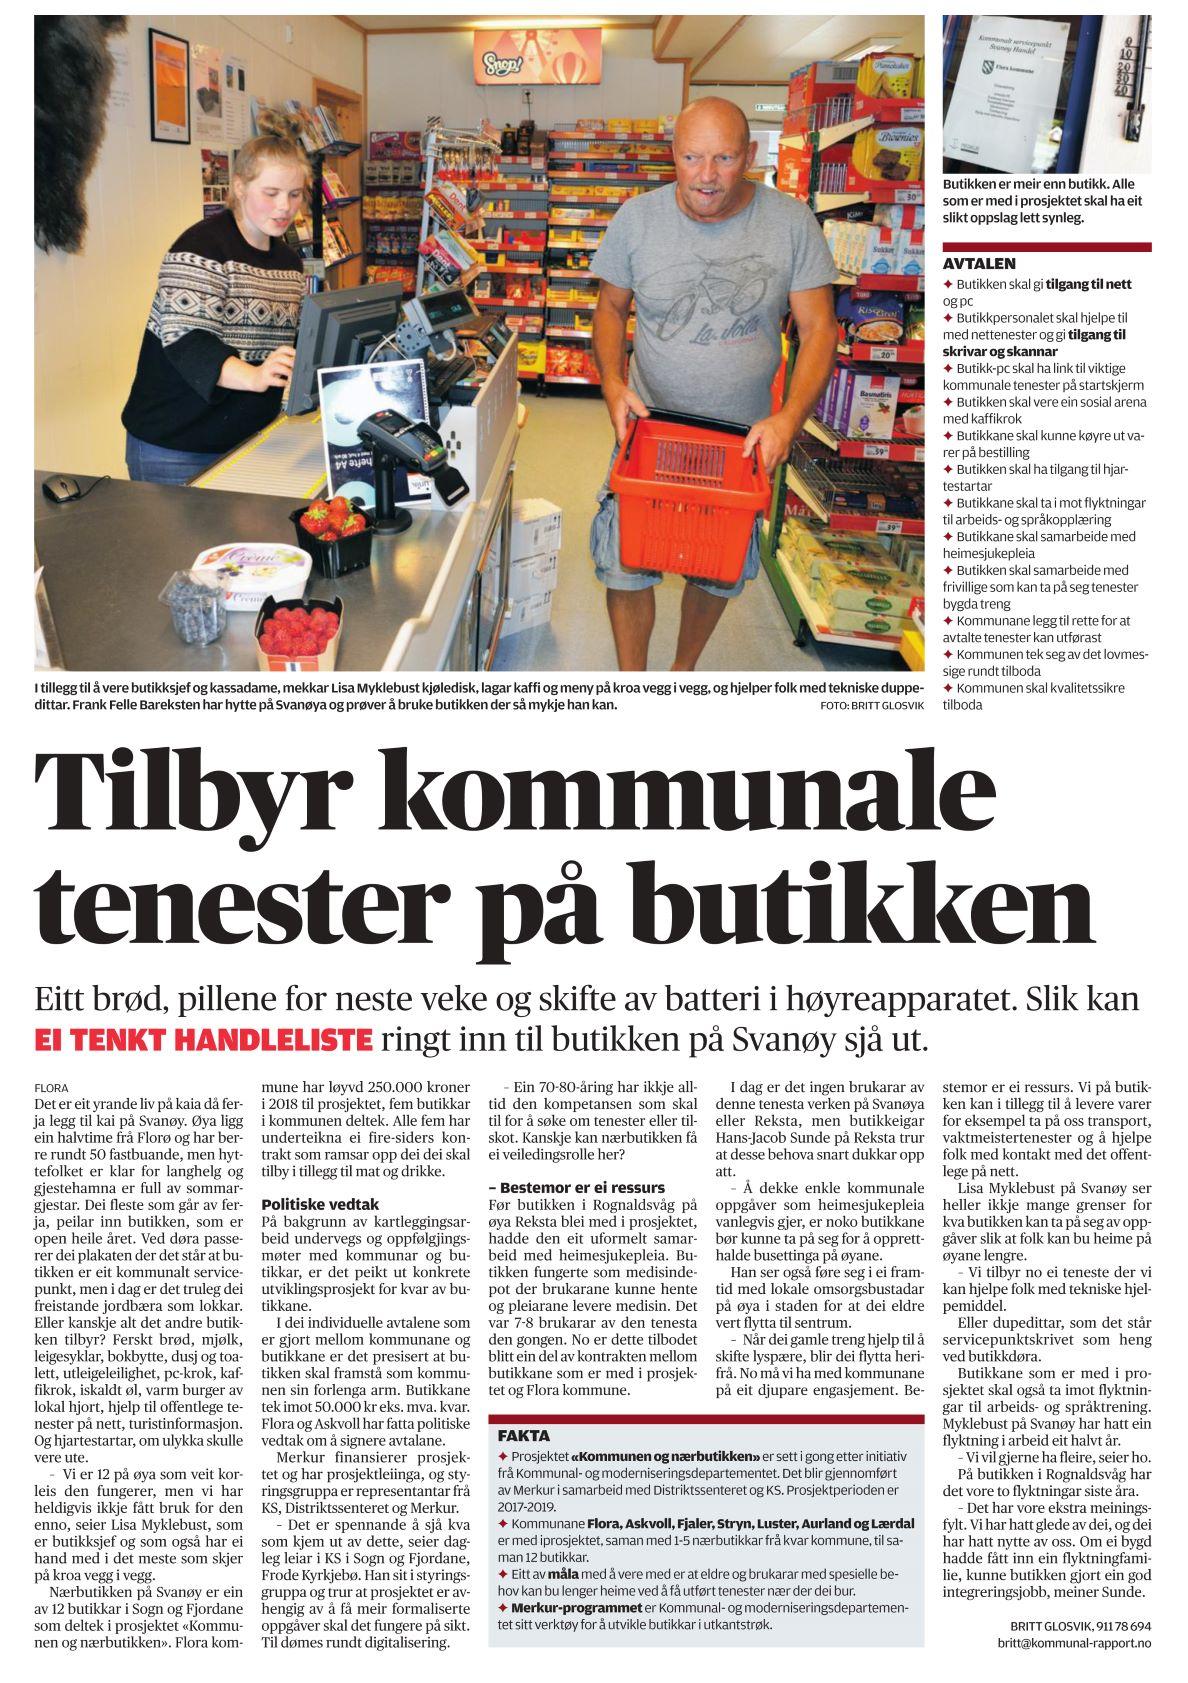 Tilbyr kommunale tenester på butikk_Komm rapport.jpg